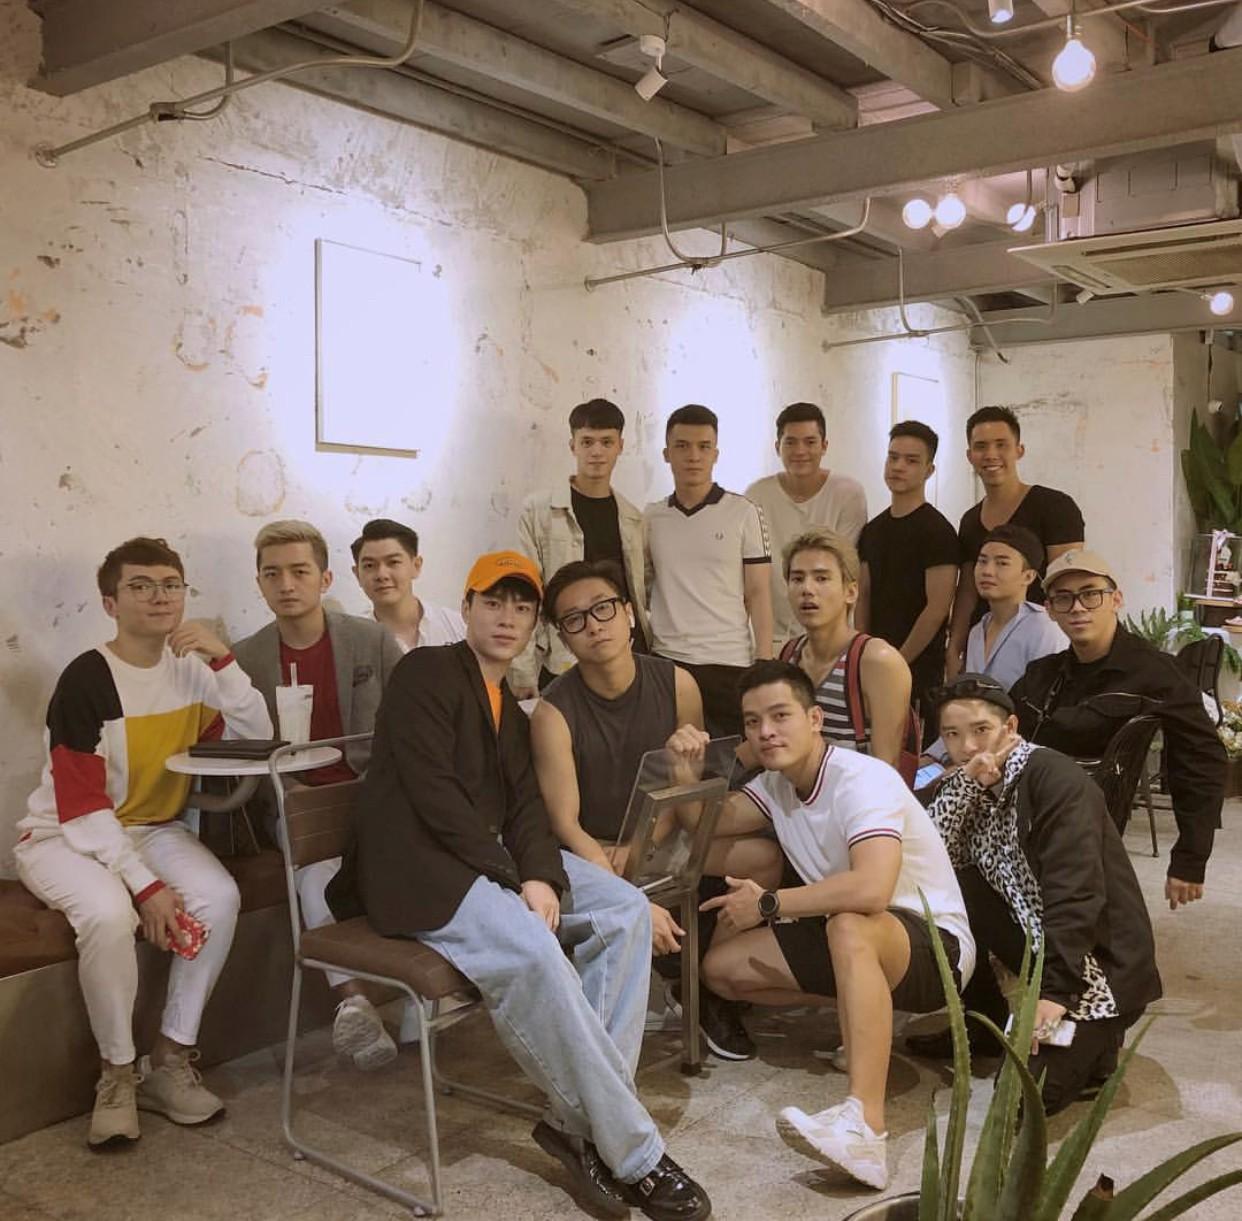 Chỉ trong 1 tuần, Sài Gòn đã có 3 quán cà phê mới và quán nào cũng siêu đẹp! - Ảnh 11.